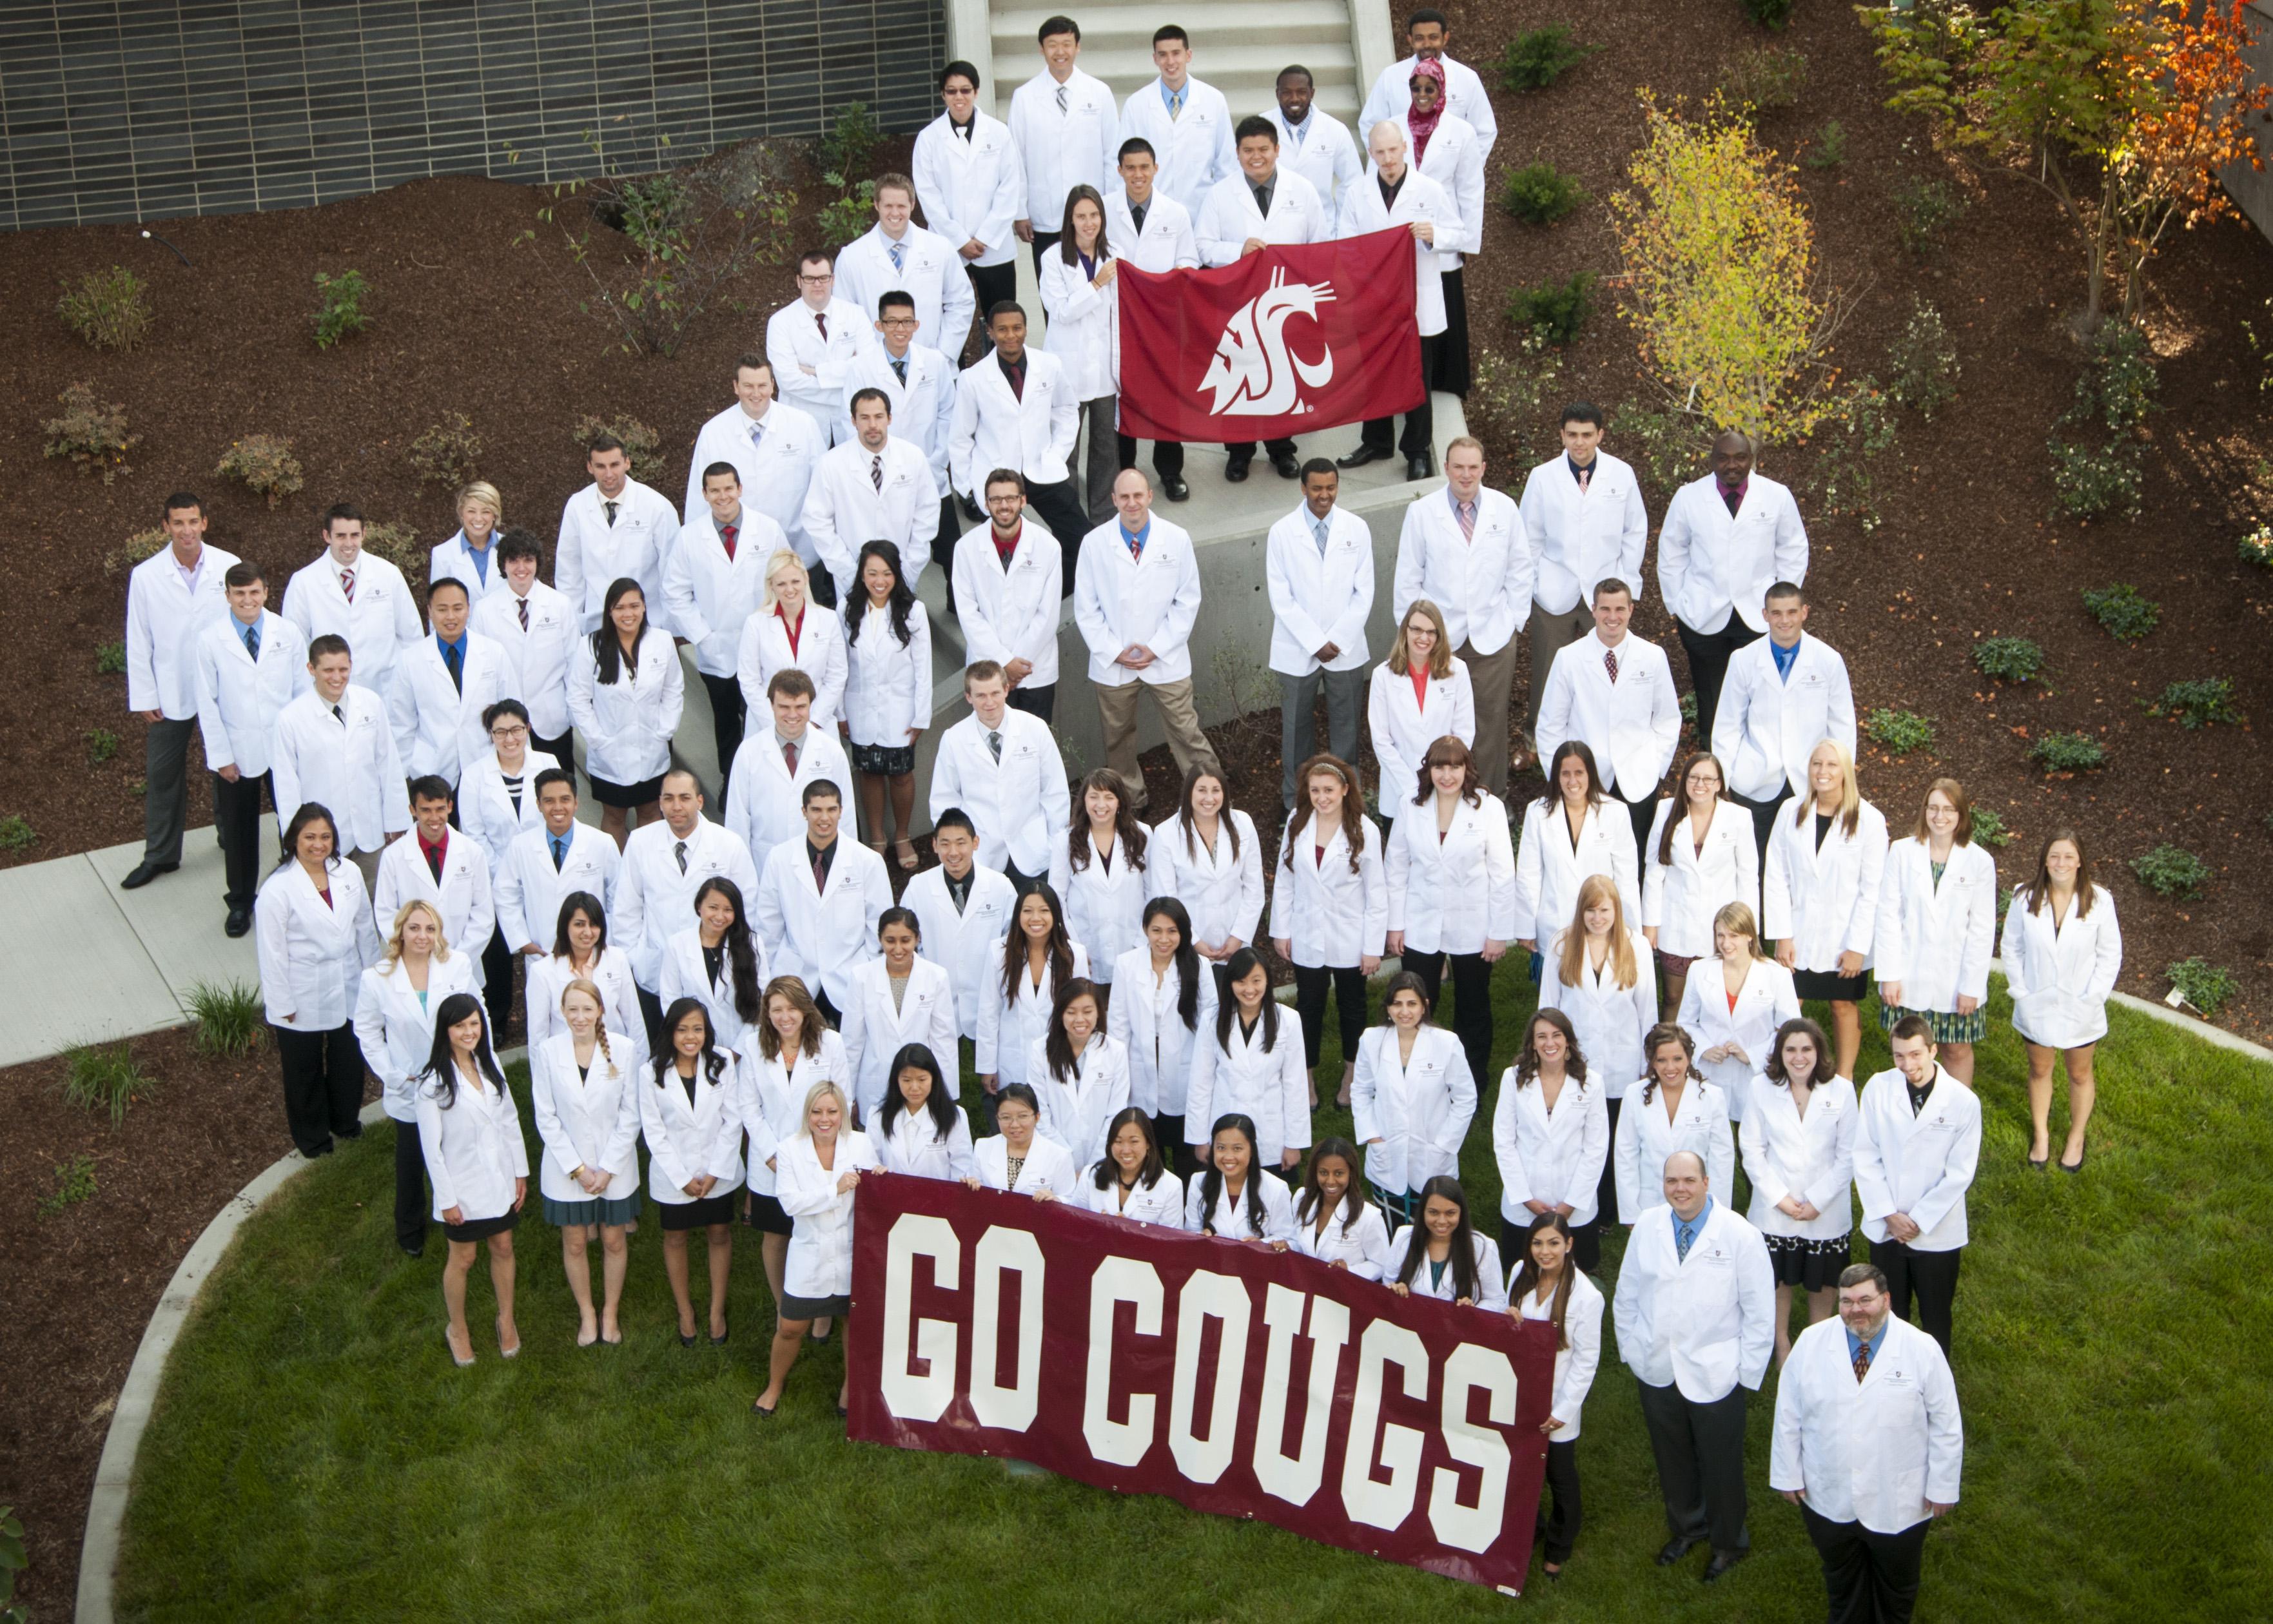 WSU Medical School